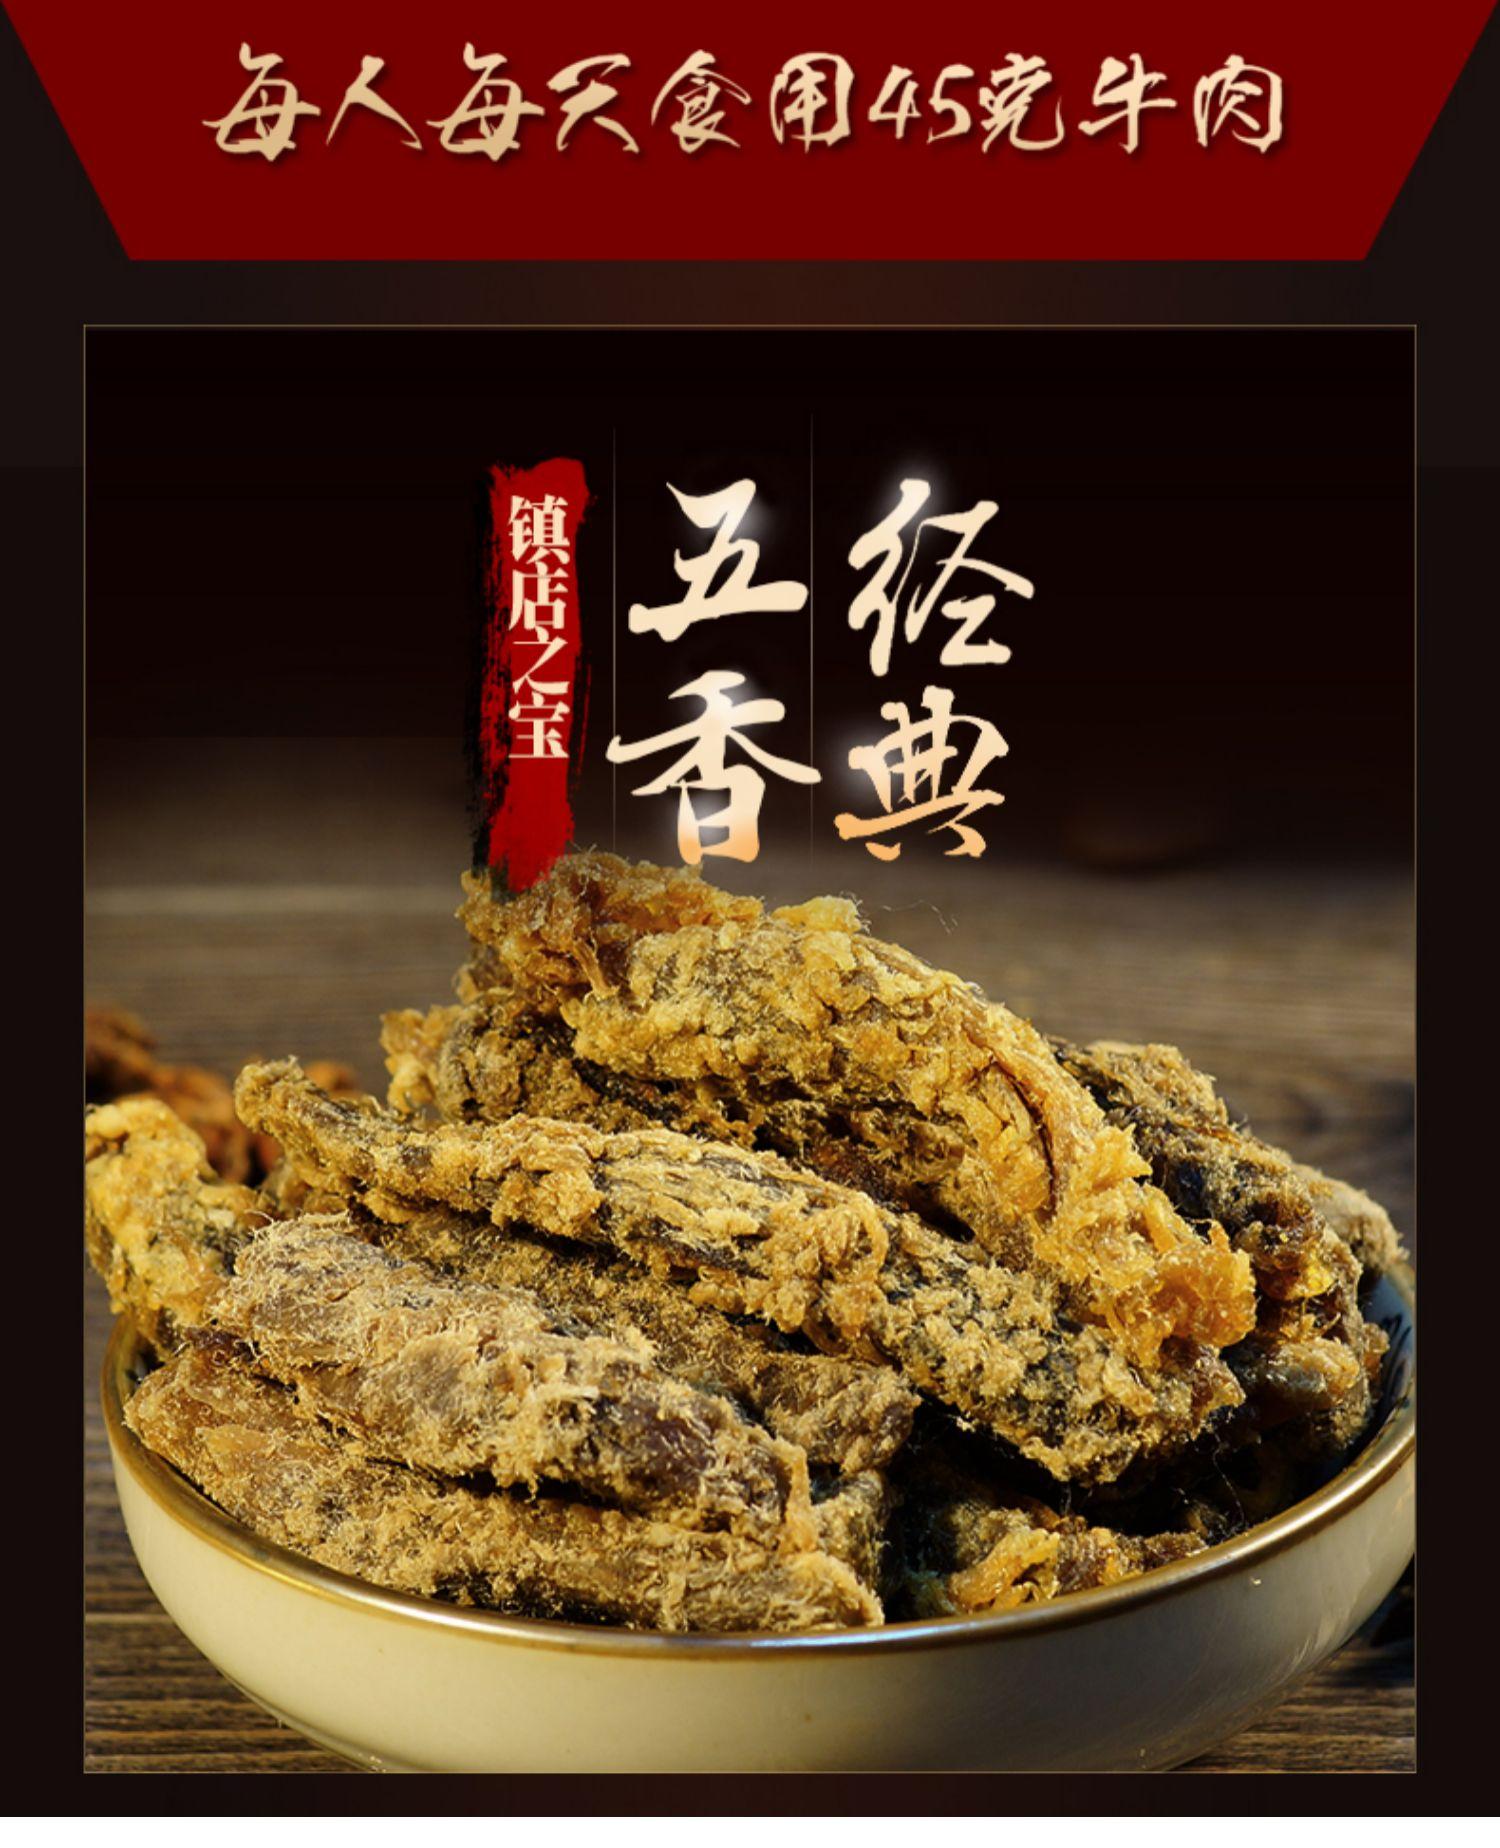 老四川五香牛肉干138g*2袋重庆金角四川特产怀旧零食风味休闲小吃商品详情图